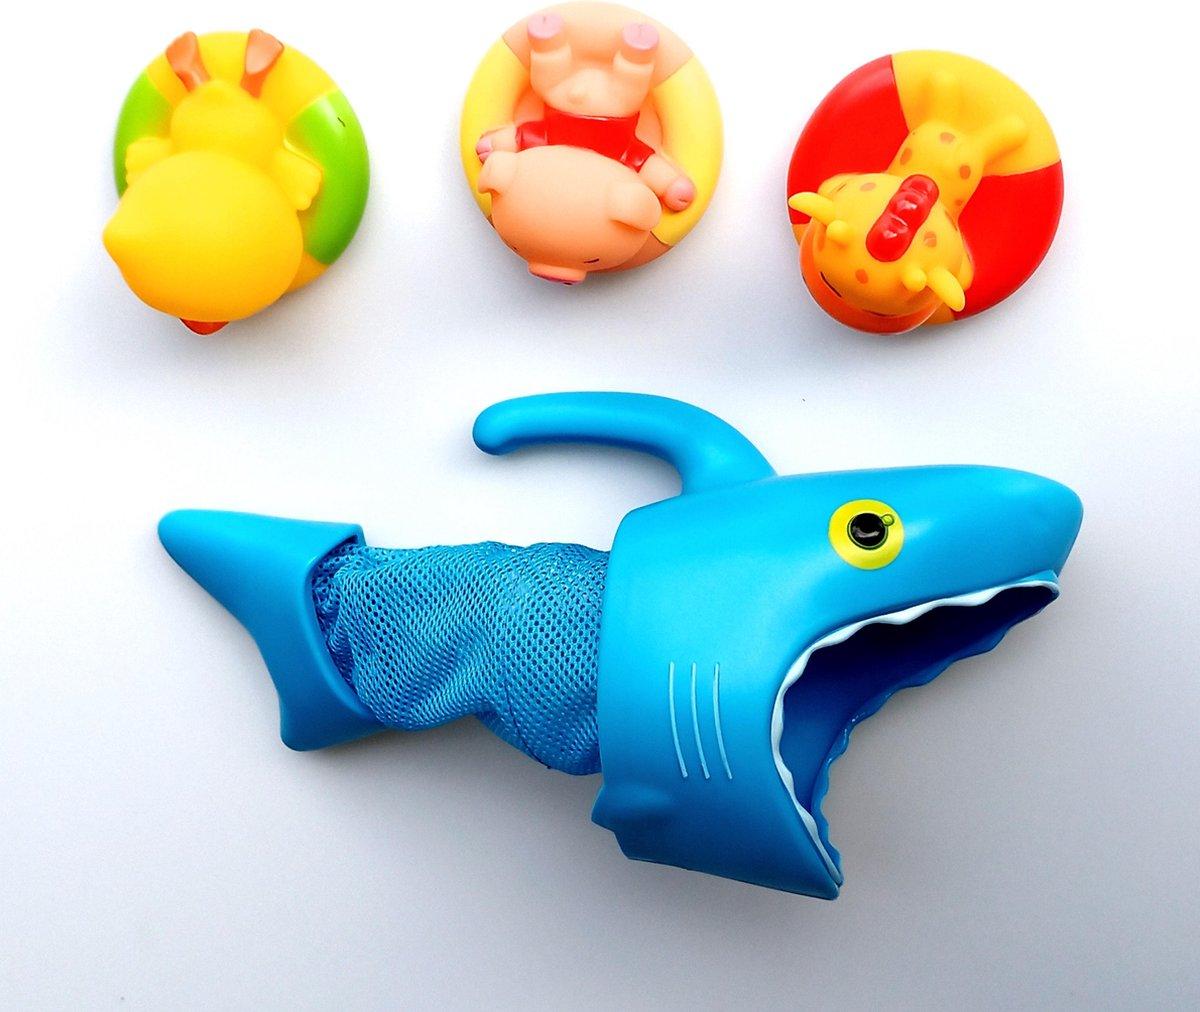 Jobber Waterplay Badfiguren - Haai visnet - vissen vangen - badspeeltjes